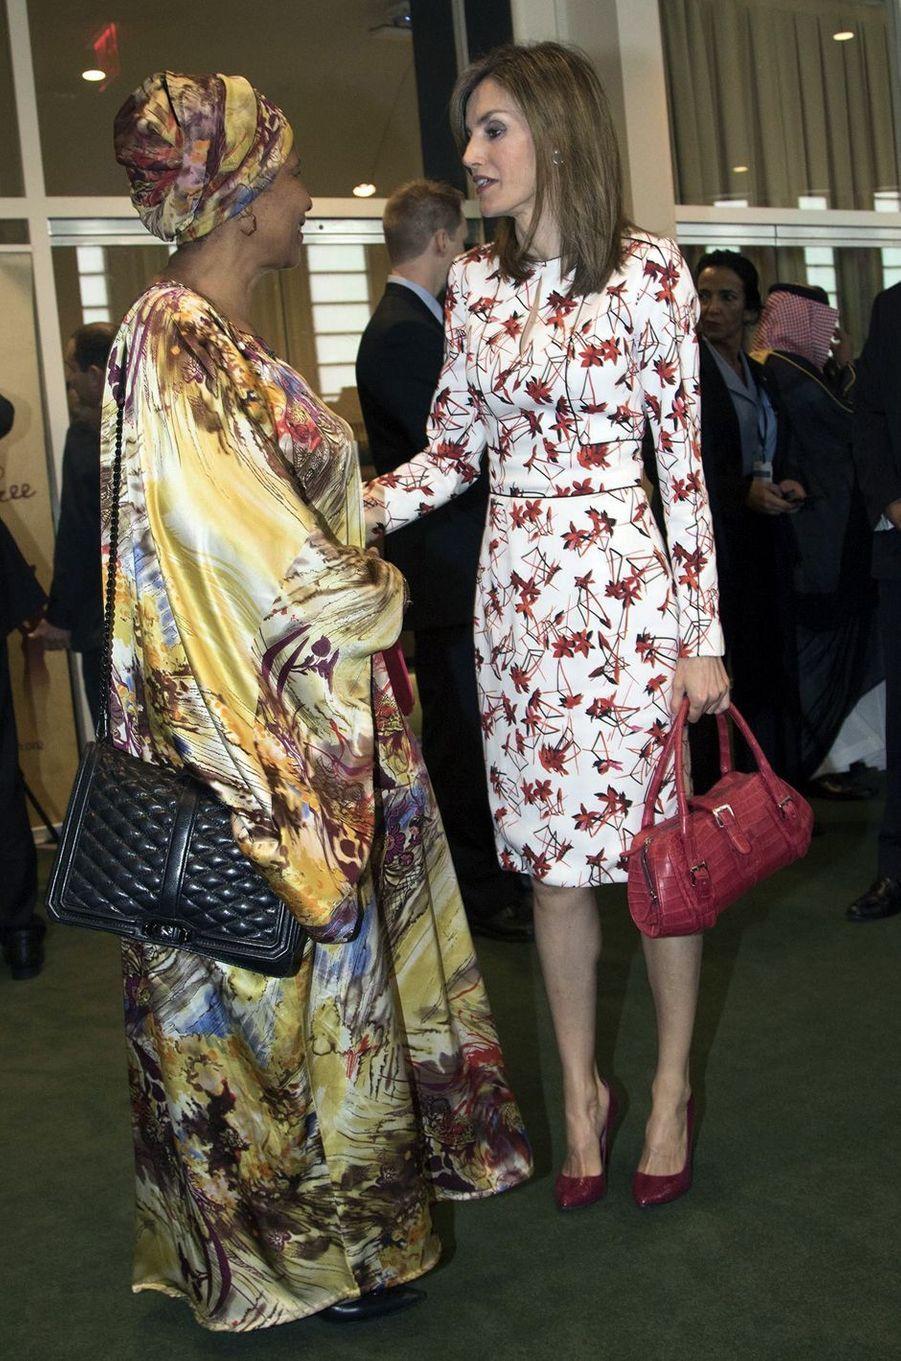 La reine Letizia d'Espagne avec Phumzile Mlambo-Ngcuka à New York, le 19 septembre 2016